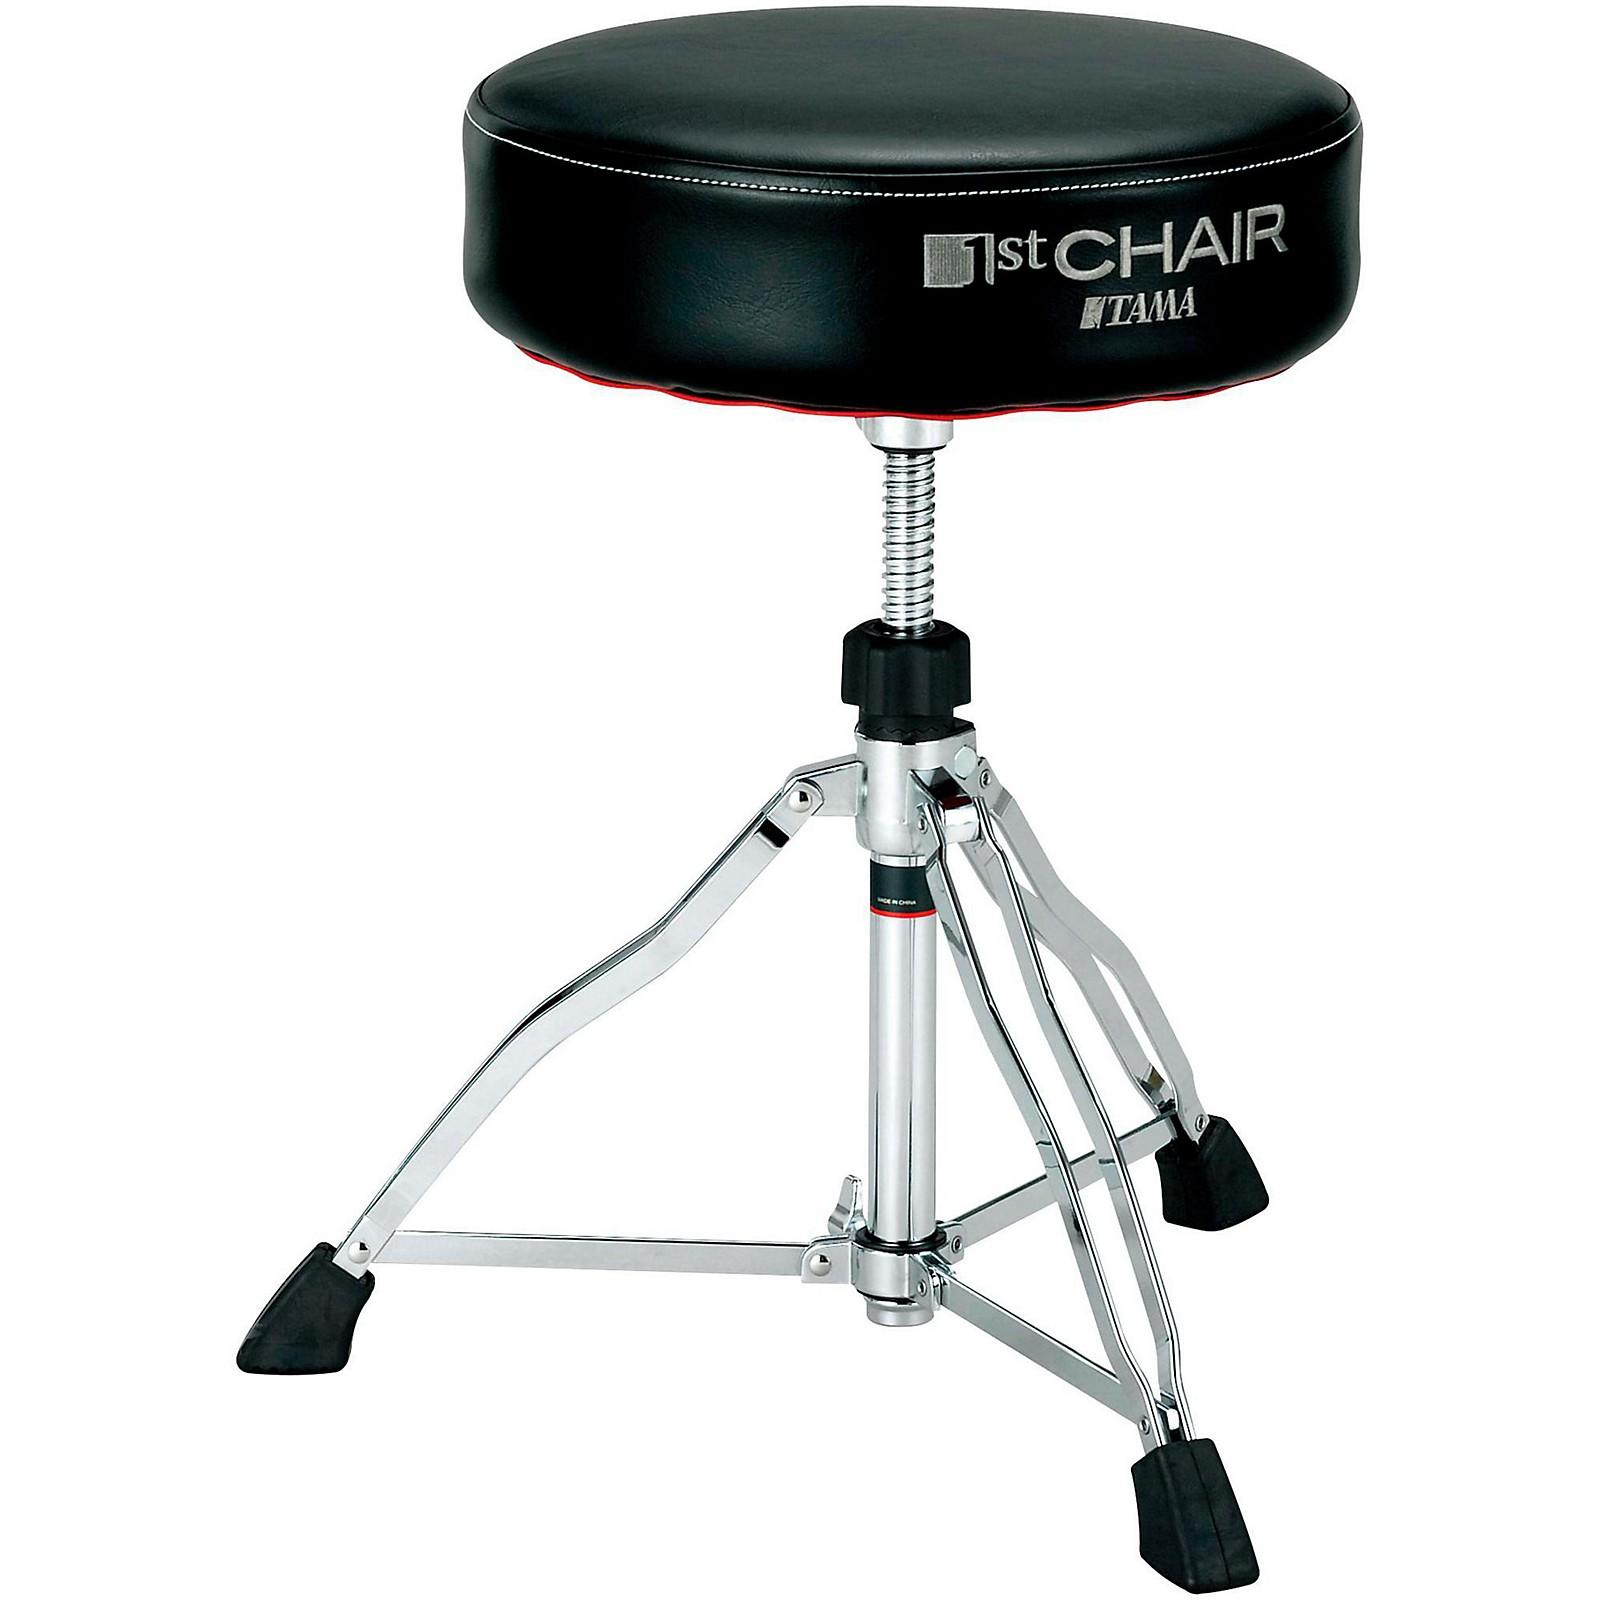 TAMA 1st Chair Round Rider Drum Throne